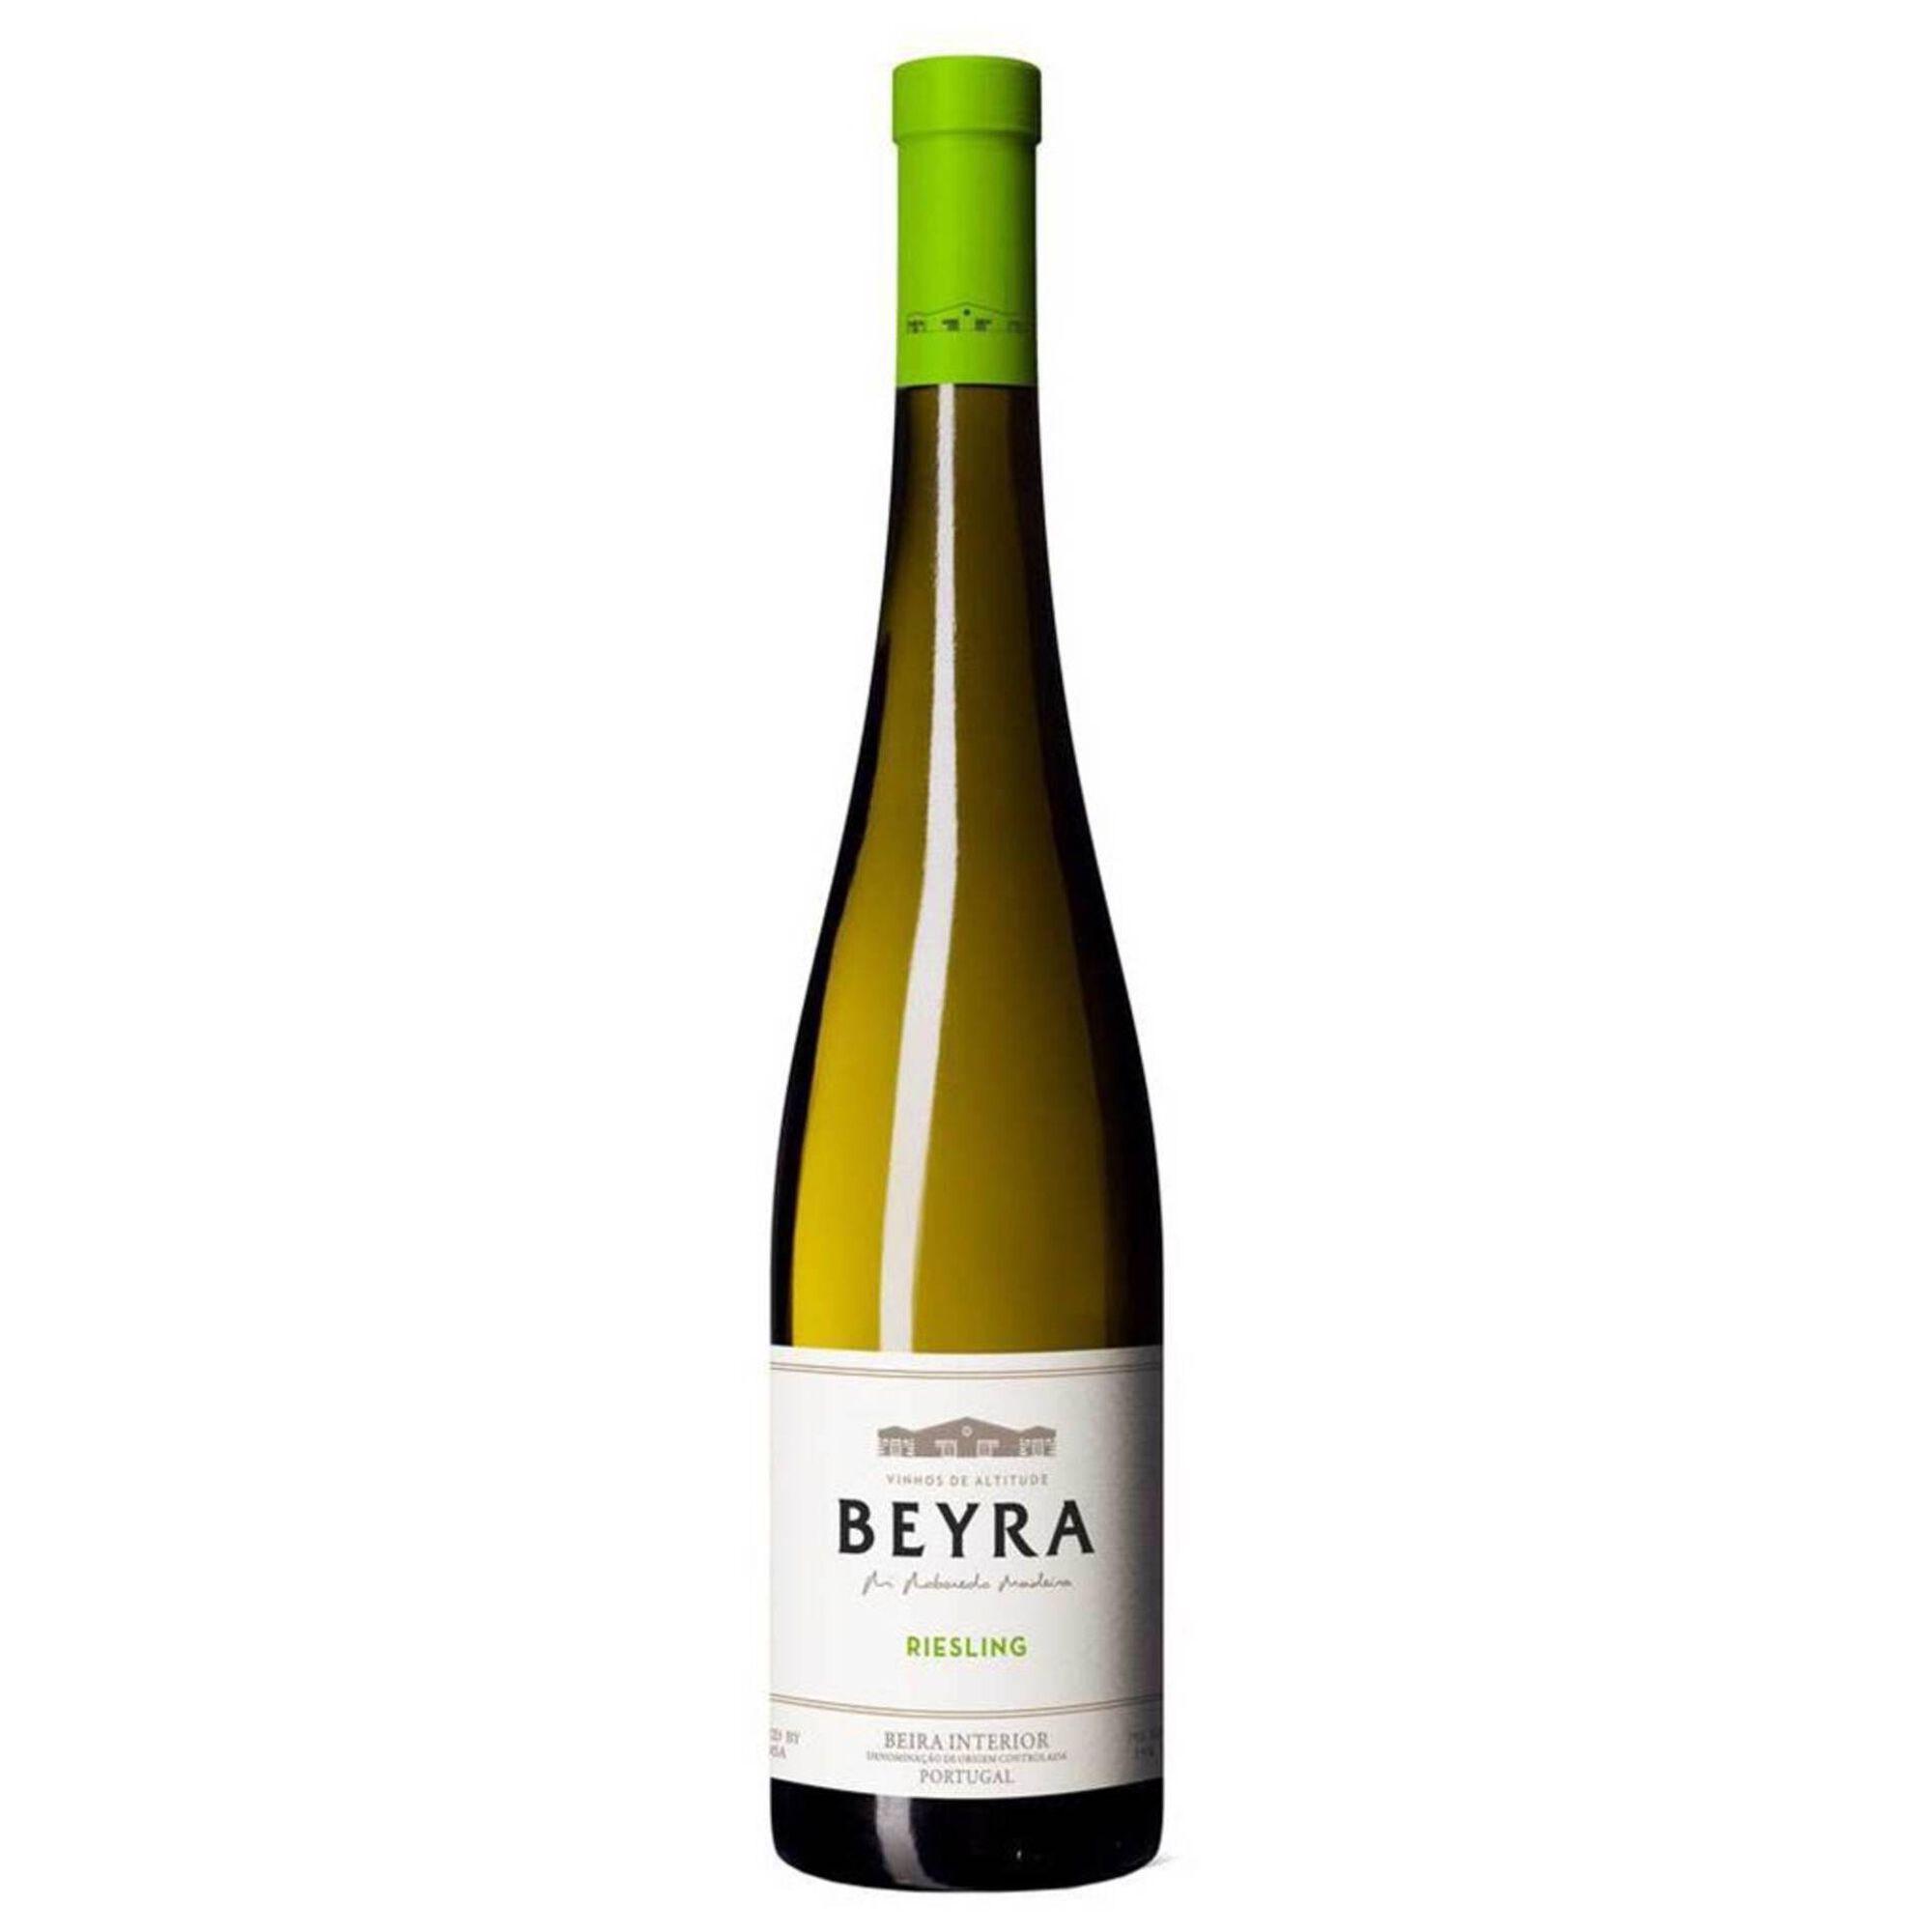 Beyra Riesling DOC Beira Interior Vinho Branco